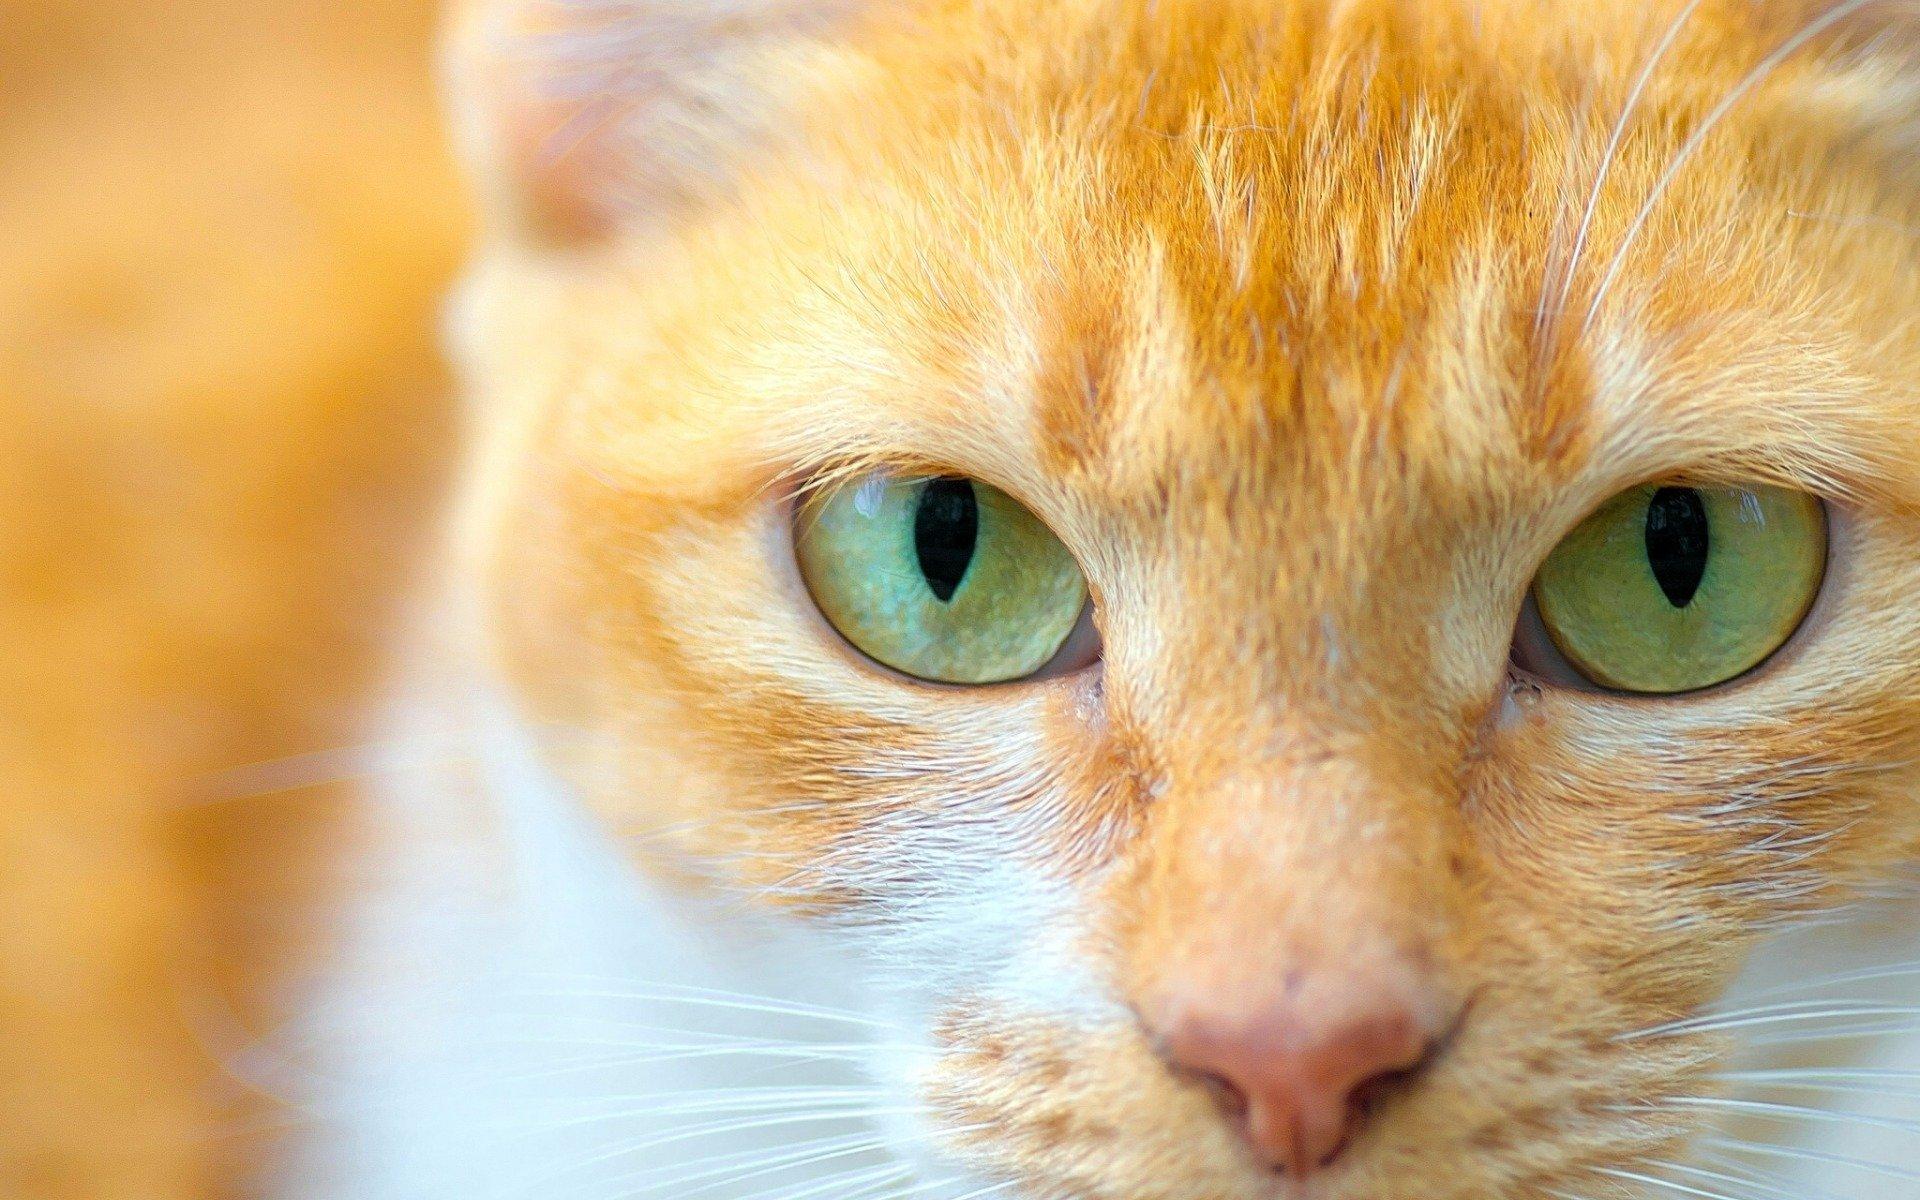 Hay gatos que tienen ojos verdes